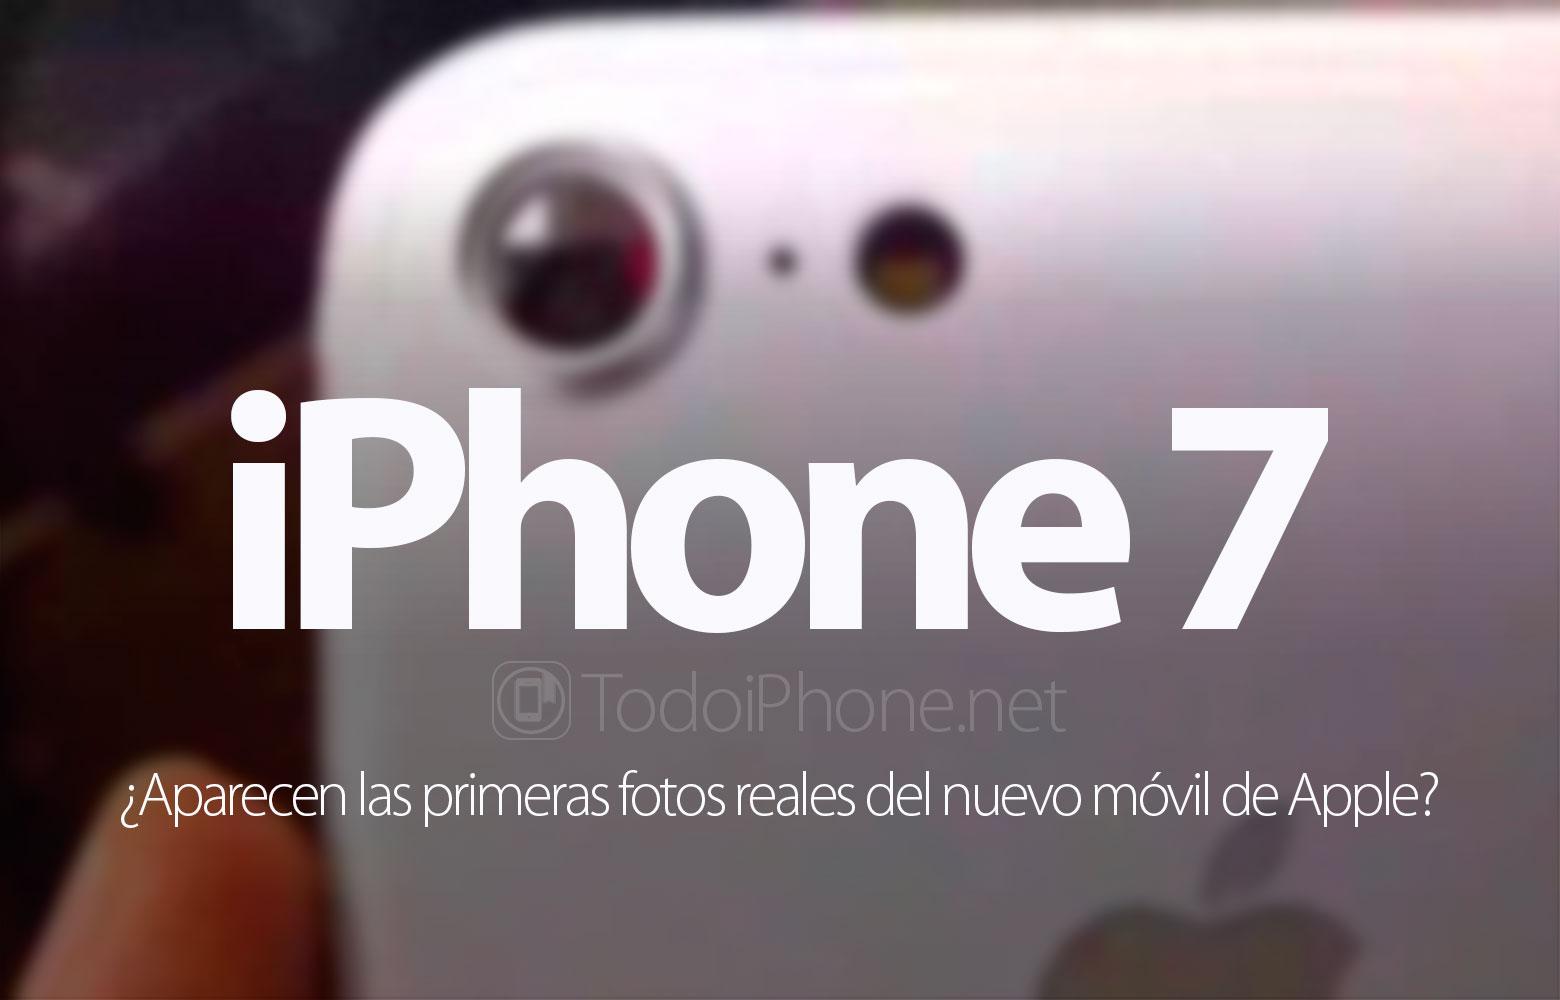 iphone-7-primeras-fotos-reales-nuevo-movil-apple